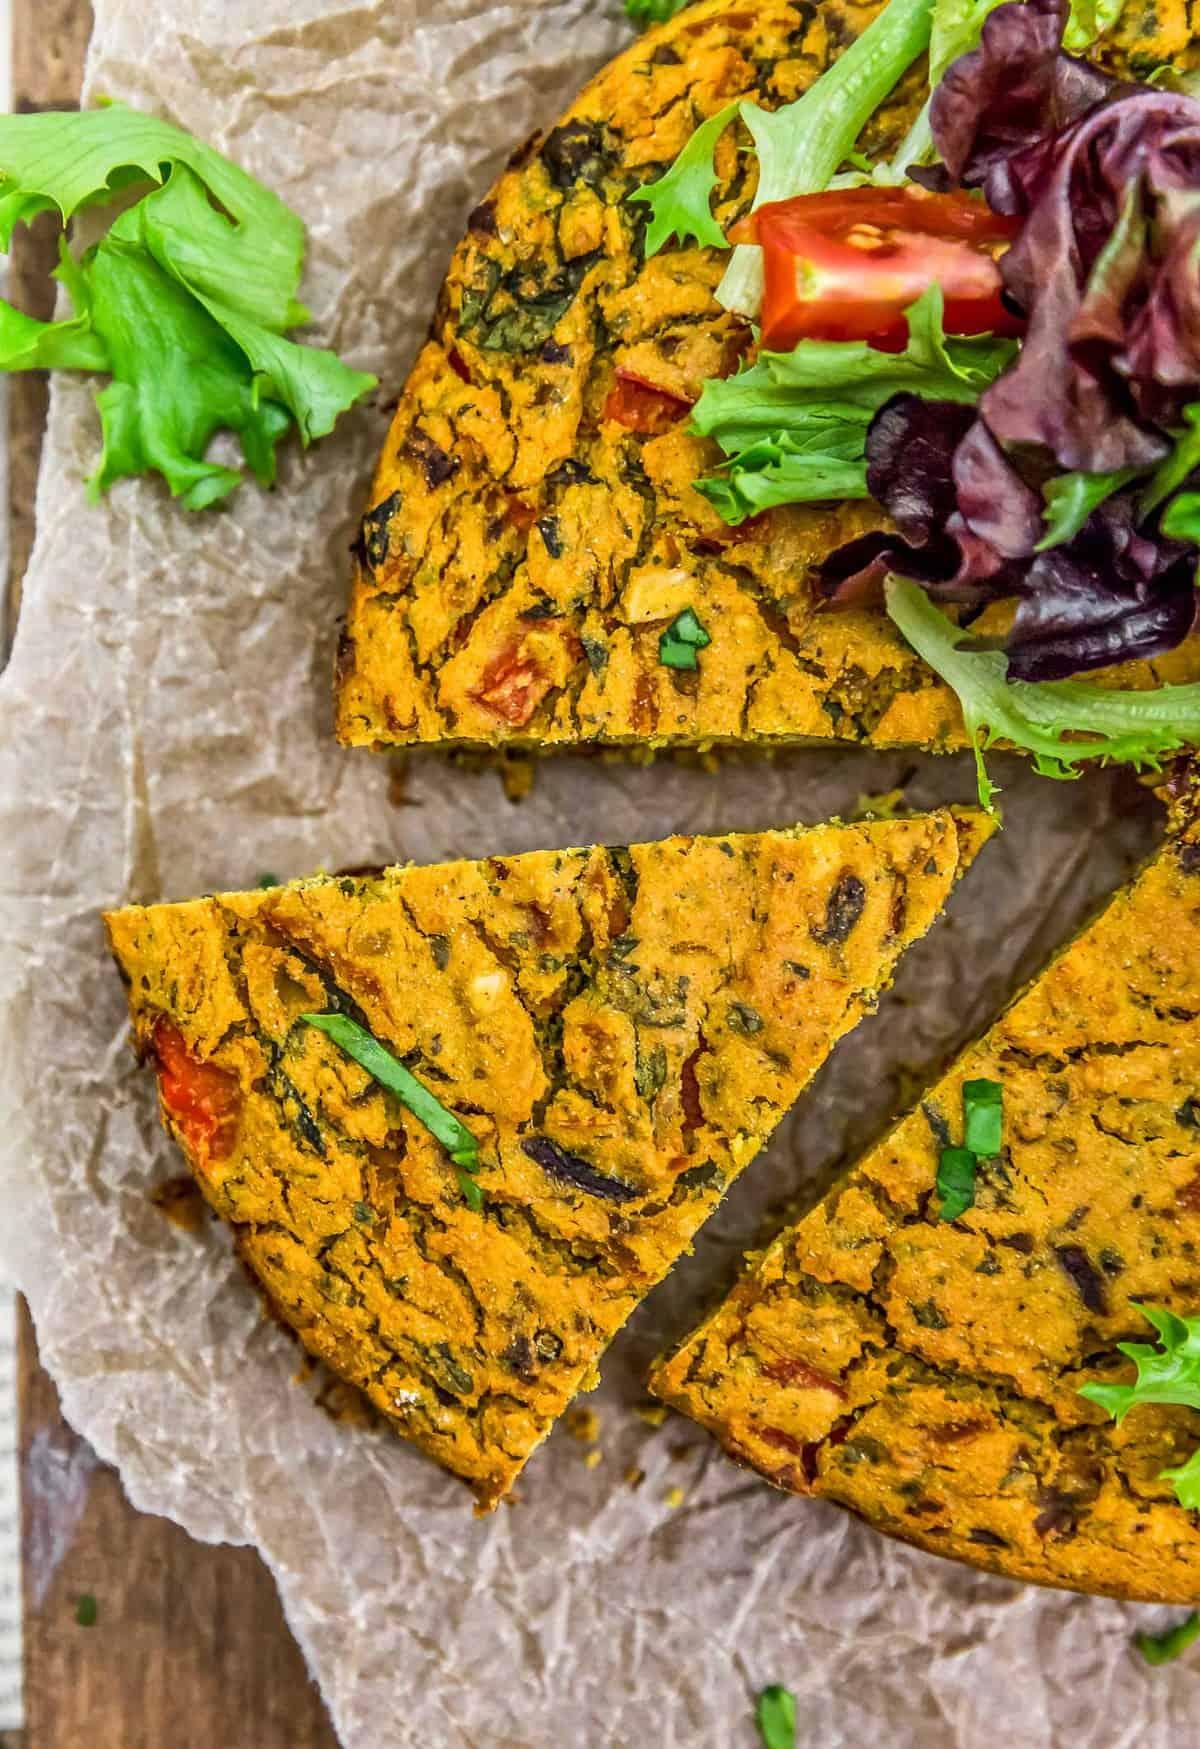 Slice of Vegan Italian Frittata